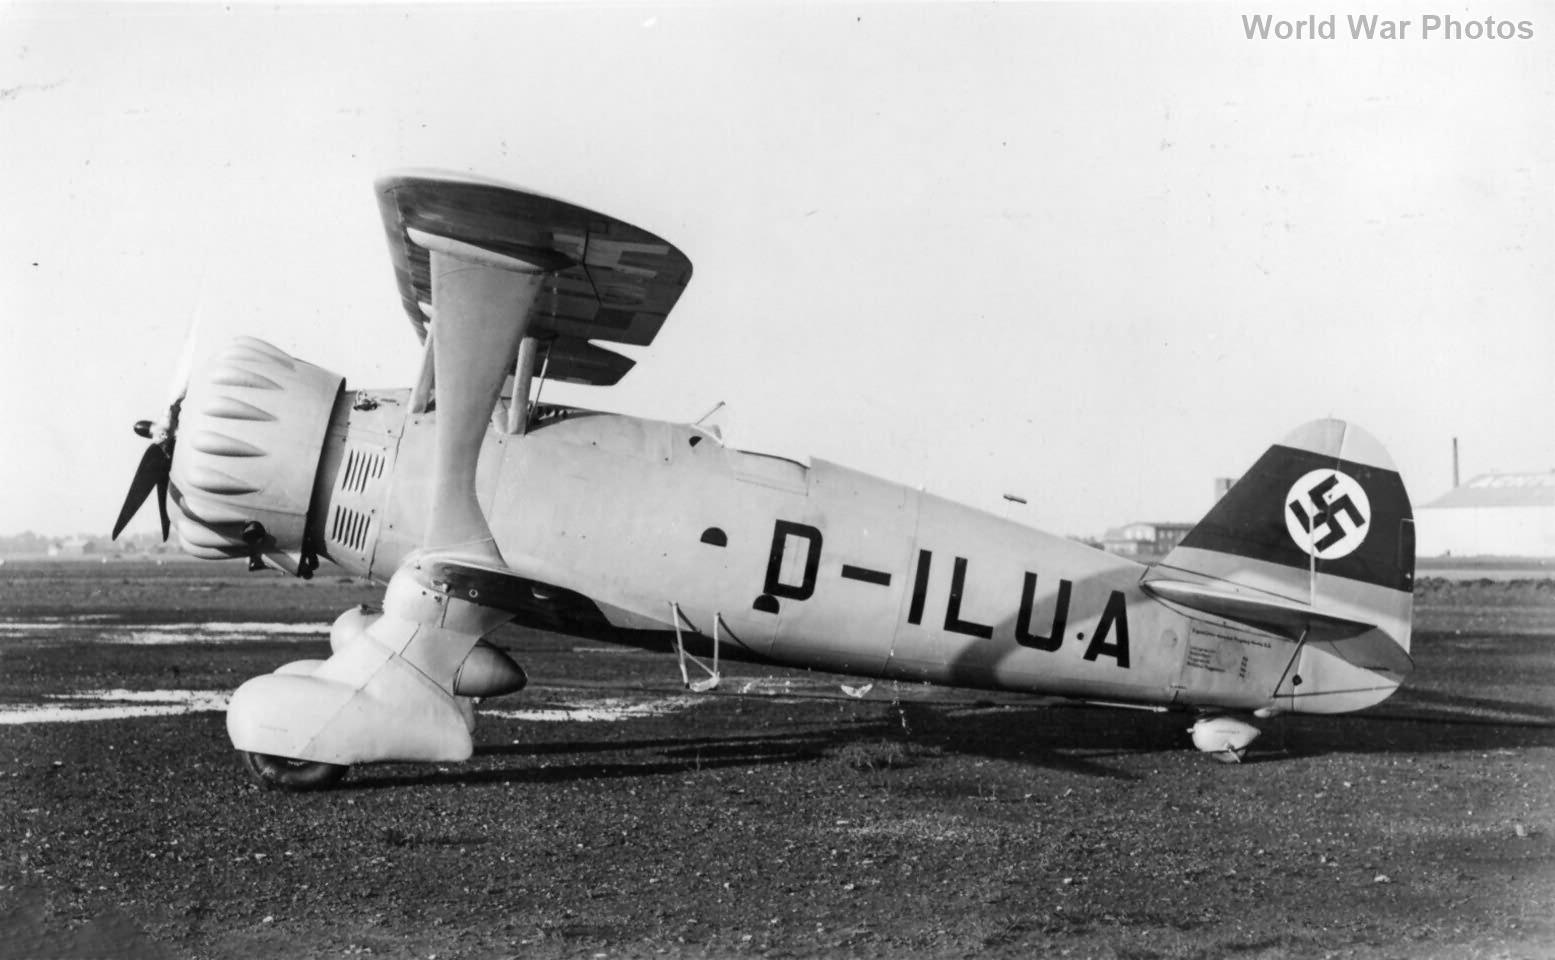 Henschel Hs123 V-1 D-ILUA 2